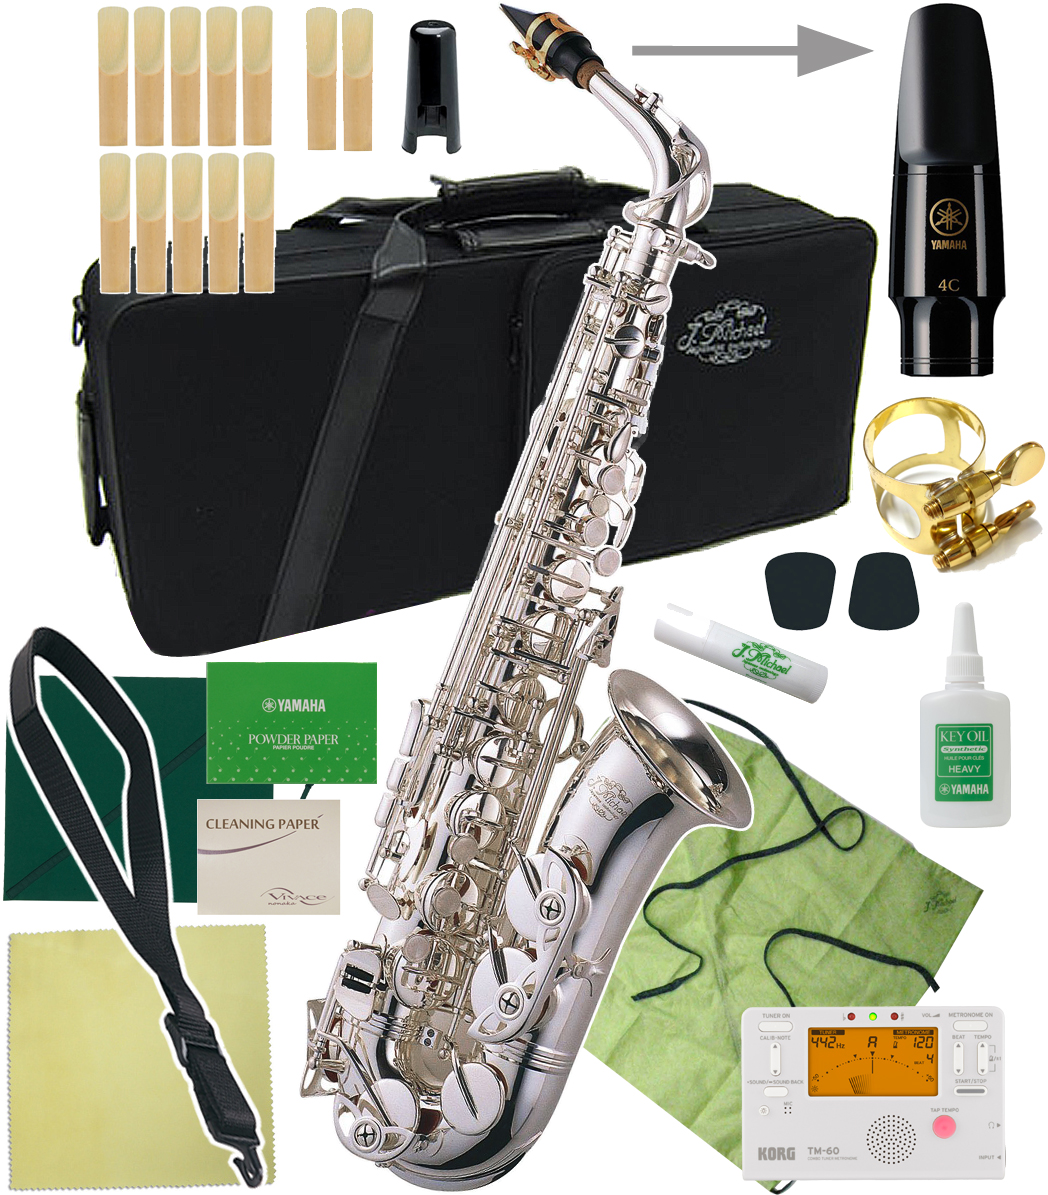 alto saxophone silver アルトサクソフォン yamaha 4C マッピ J Michael ( Jマイケル ) AL-900S アルトサックス 新品 銀メッキ ヤマハマウスピース 管楽器 管体 初心者 アルトサクソフォン 本体 シルバーメッキ 【 AL900S セット C 】 送料無料